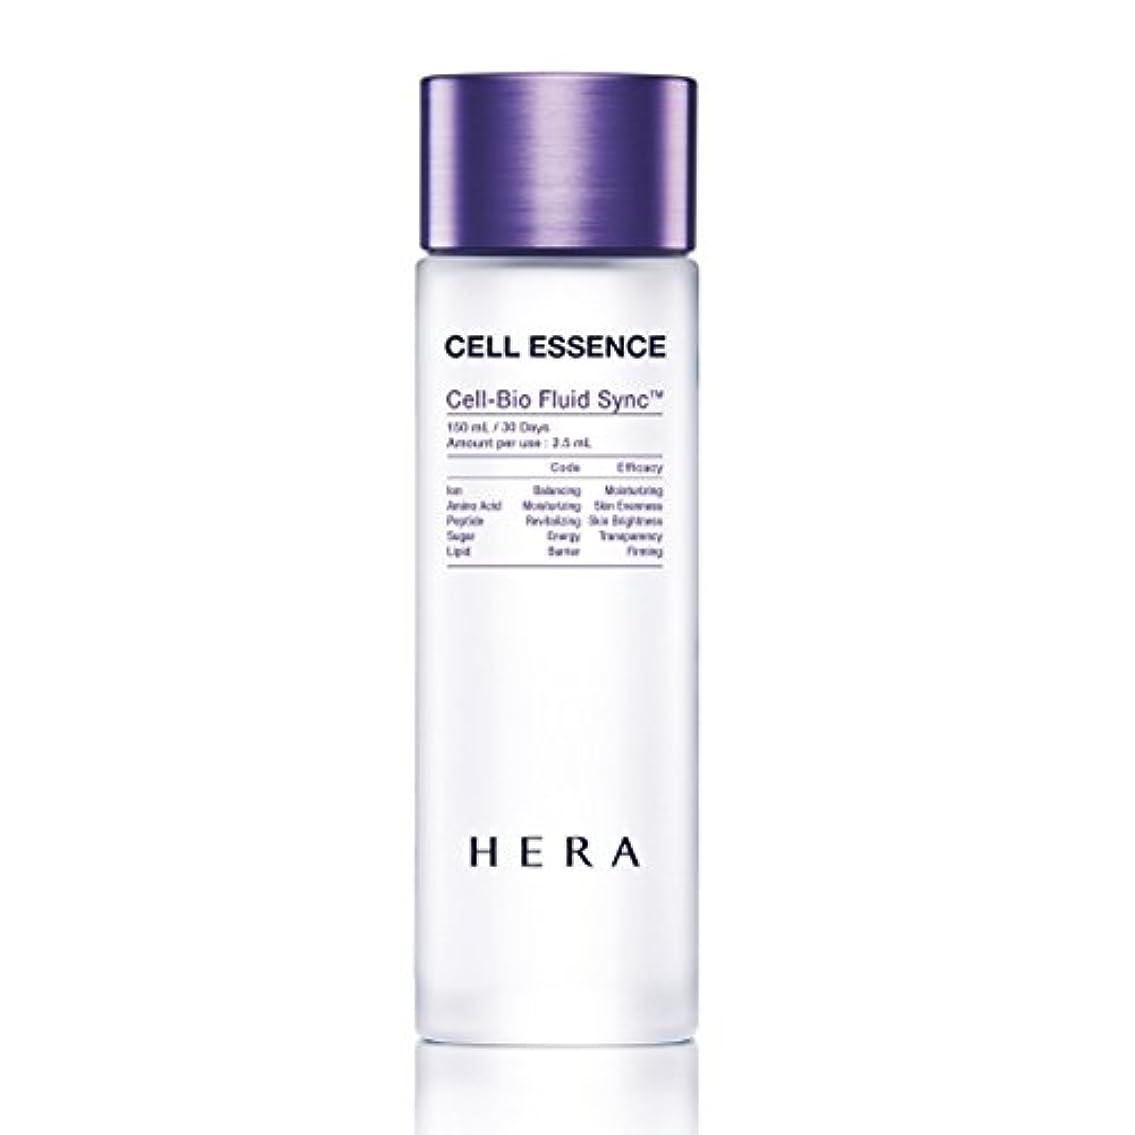 部分的に中に似ている[ヘラ/HERA]HERA CELL ESSENCE/ヘラ セル エッセンス 150ml【美容液】(海外直送品)